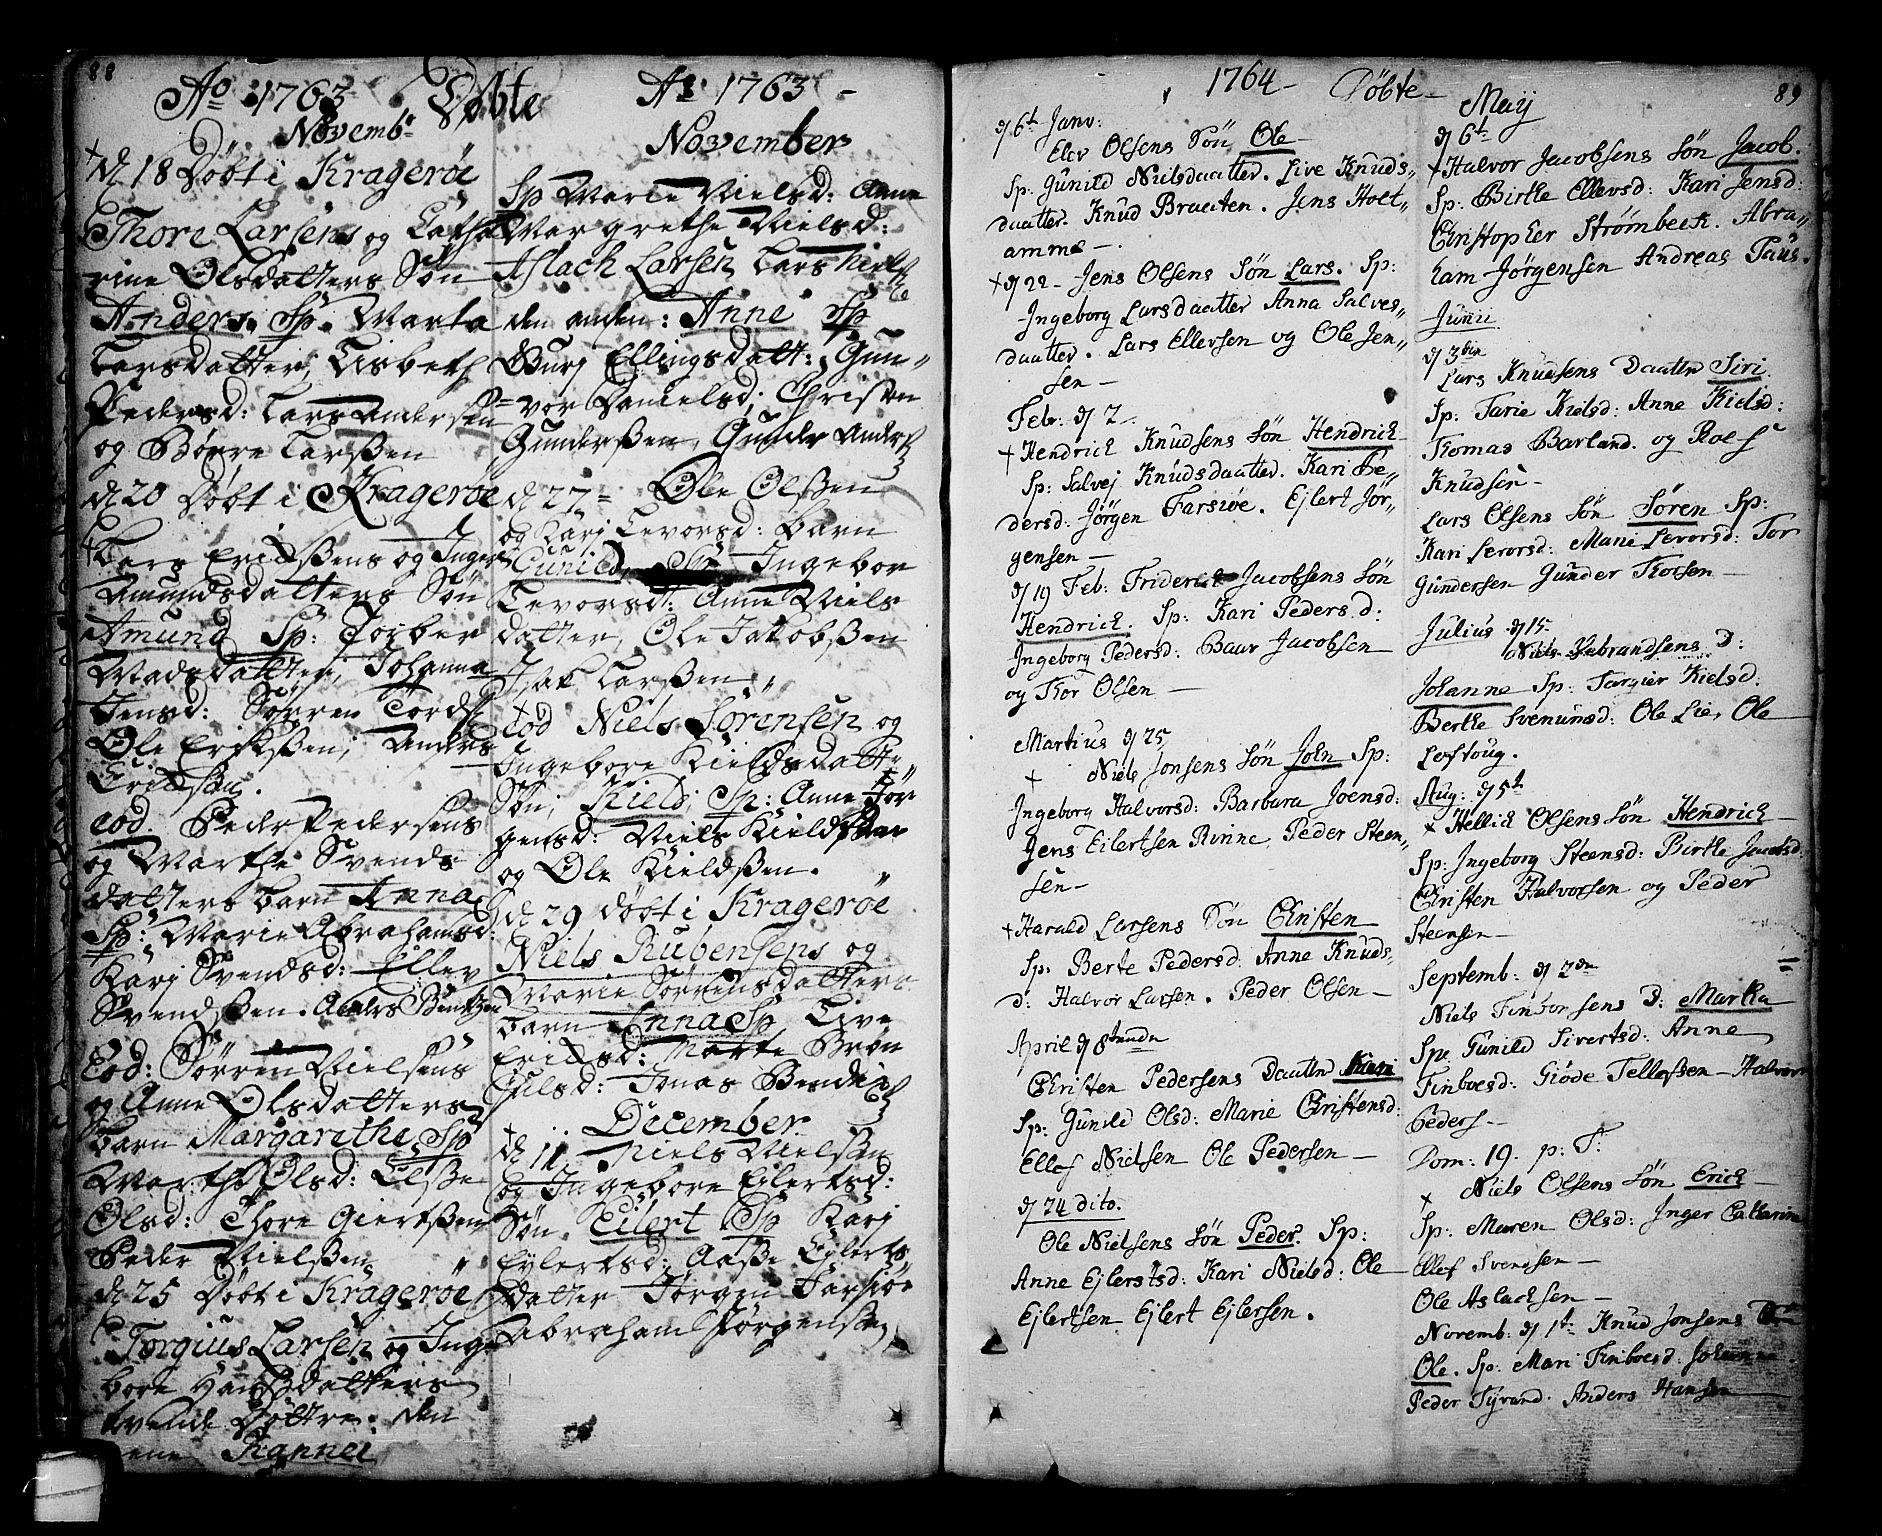 SAKO, Sannidal kirkebøker, F/Fa/L0001: Ministerialbok nr. 1, 1702-1766, s. 88-89